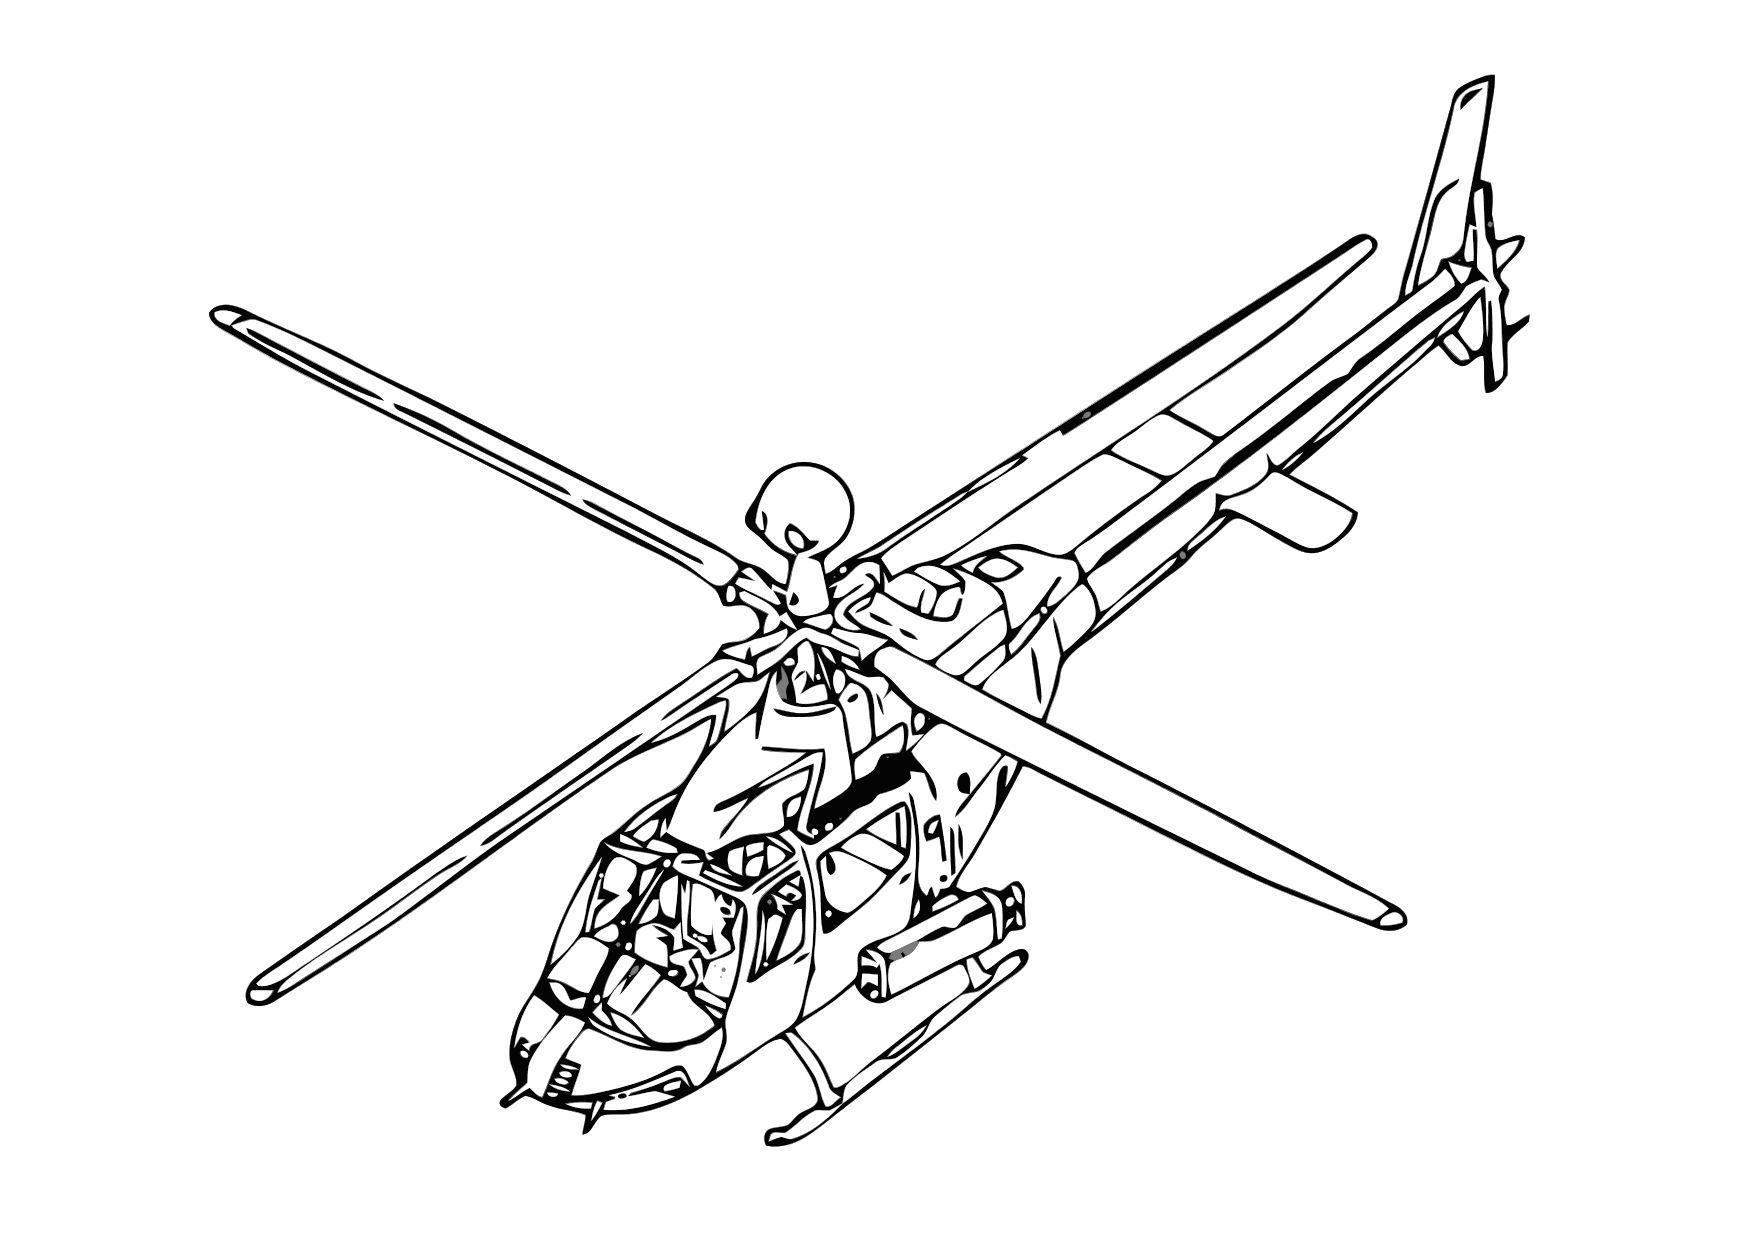 Malvorlage Hubschrauber Ausmalbild 11862 Images